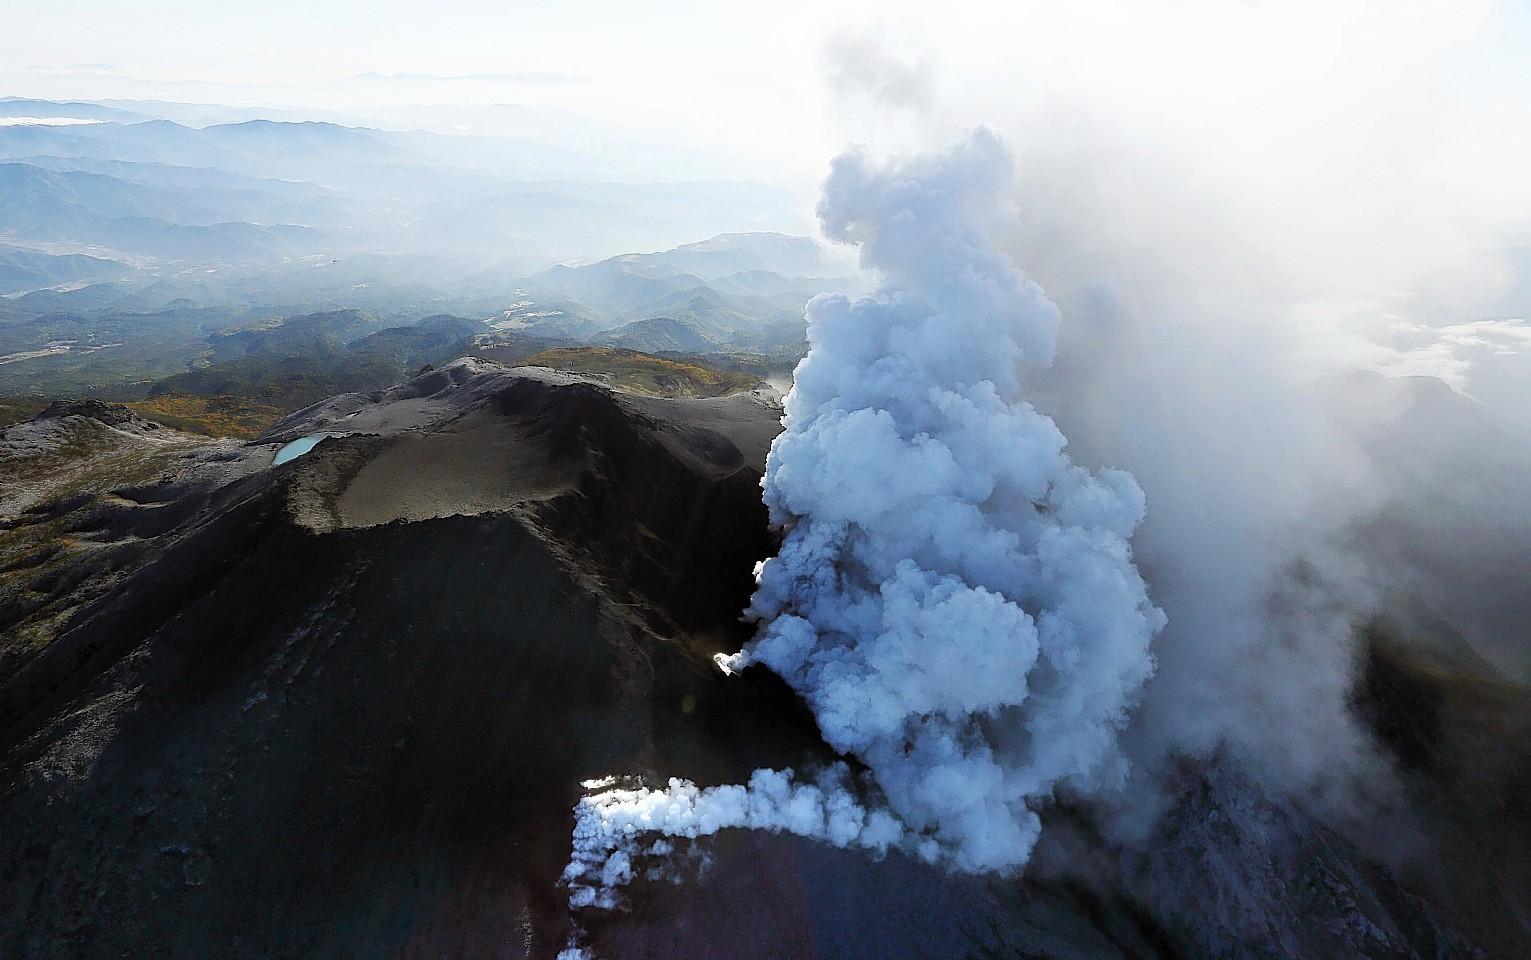 The Bardarbunga volcano sends lava shooting into the air. Credit: Stefano Di Nicolo.